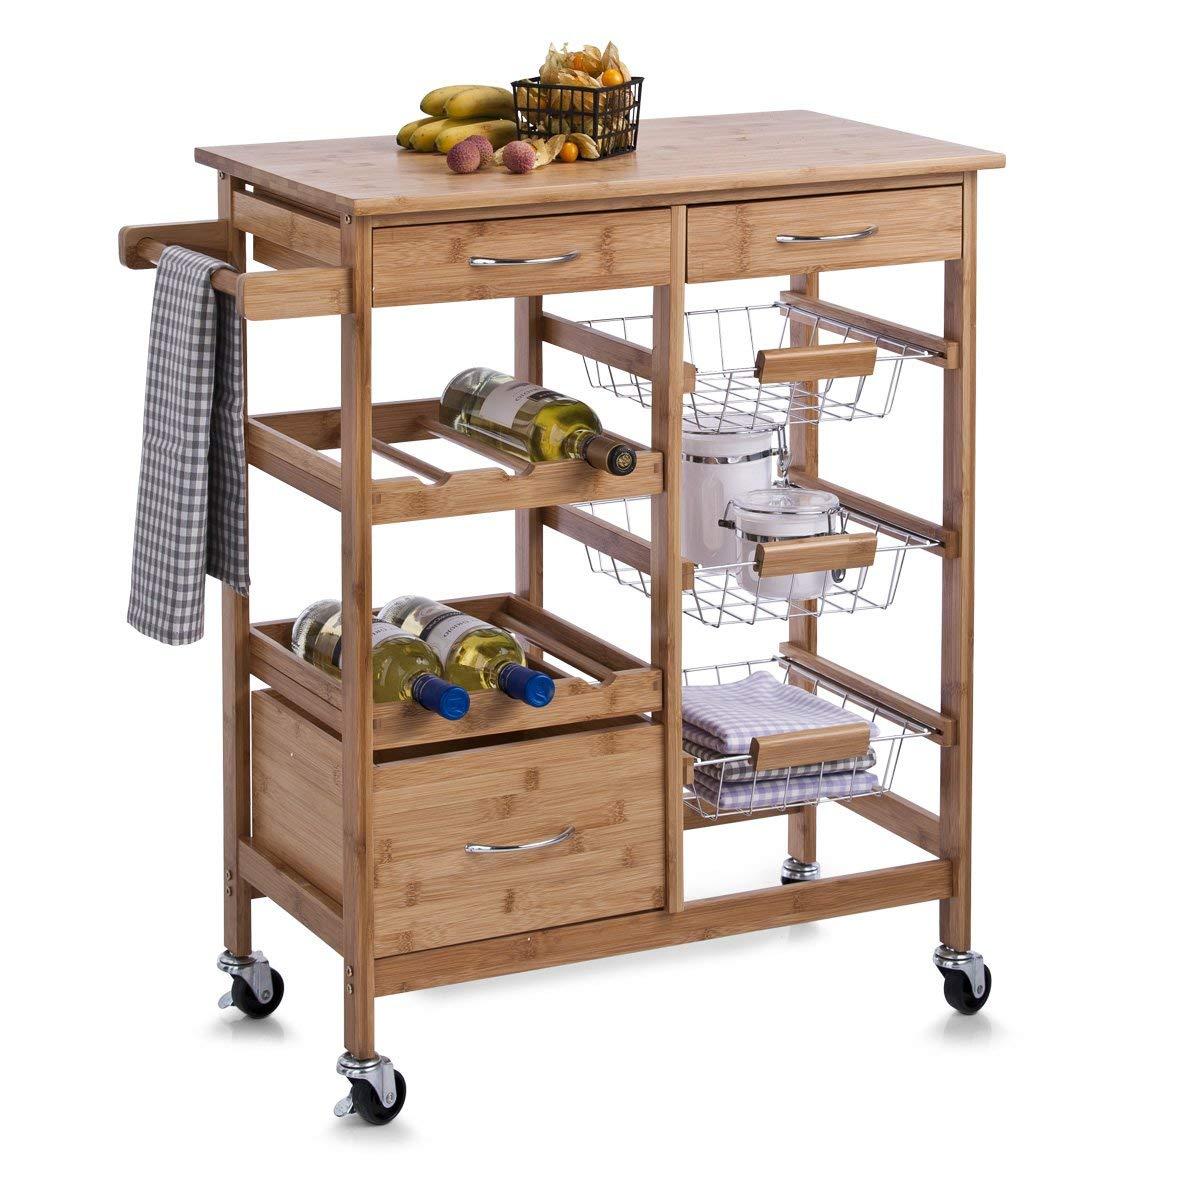 kitchen-furniture-bamboo-wooden-kitchen-storage-trolley